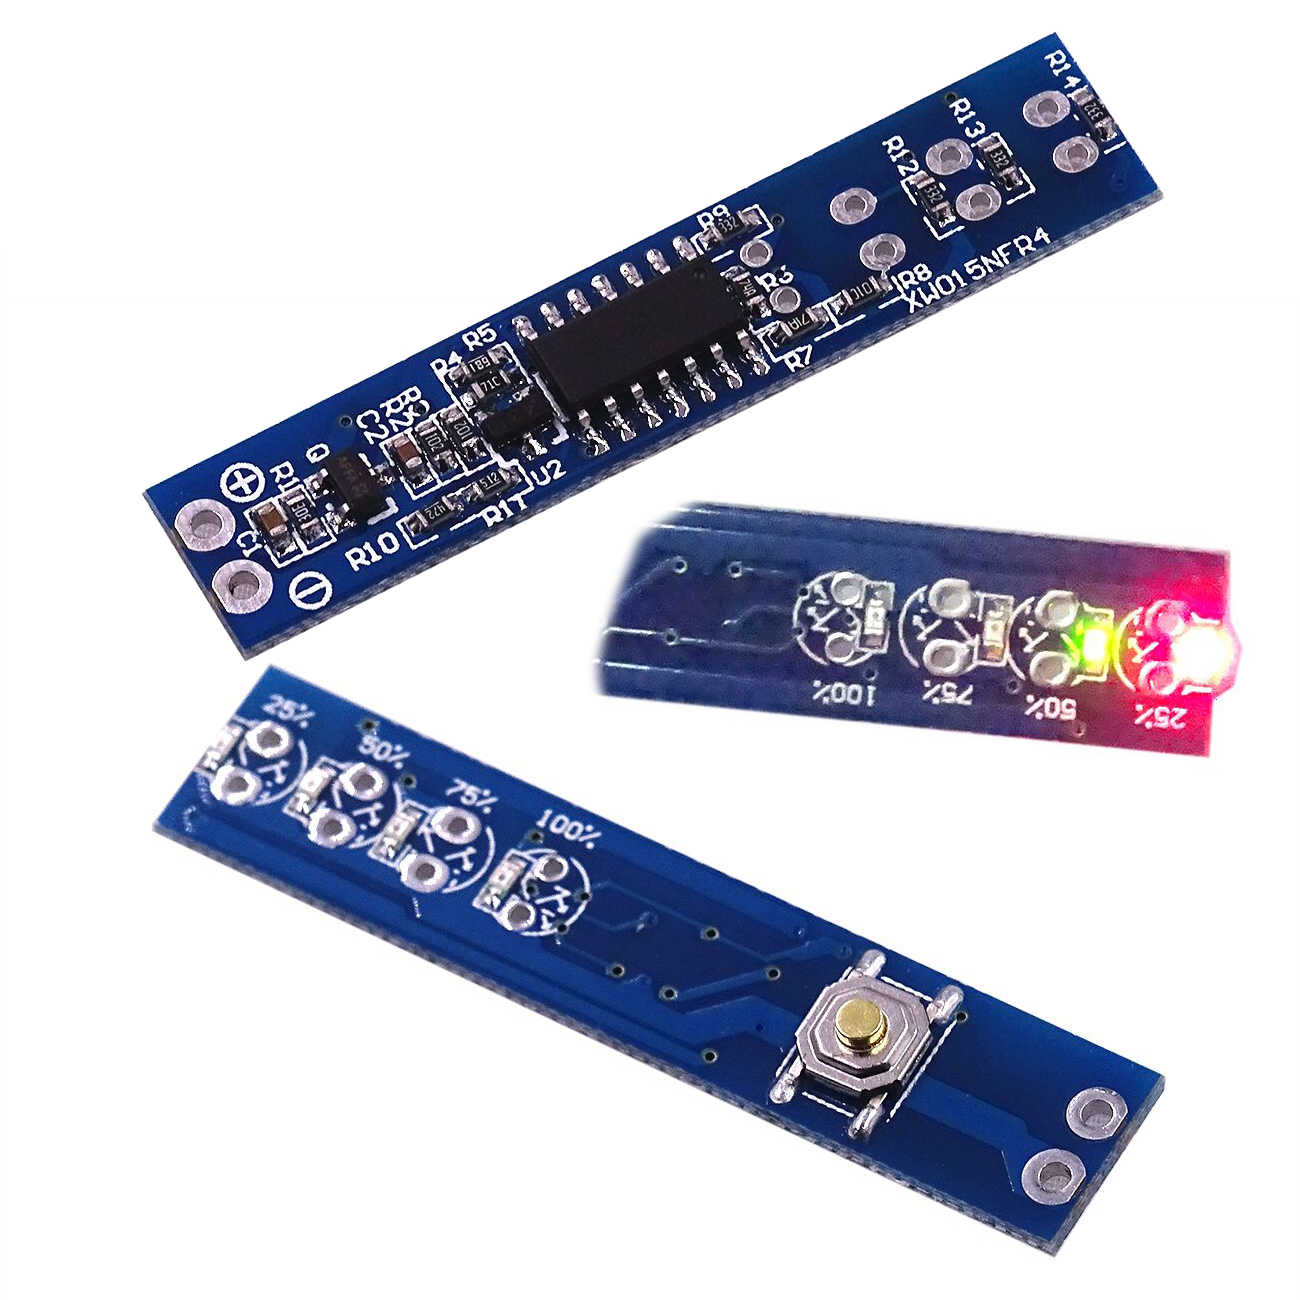 1 s 2 s 3 s 4 s Lithium Batterij Capaciteit Indicator Meter Power Level Tester LEDs Displaypaneel voor 18650 Li-Ion Lithium